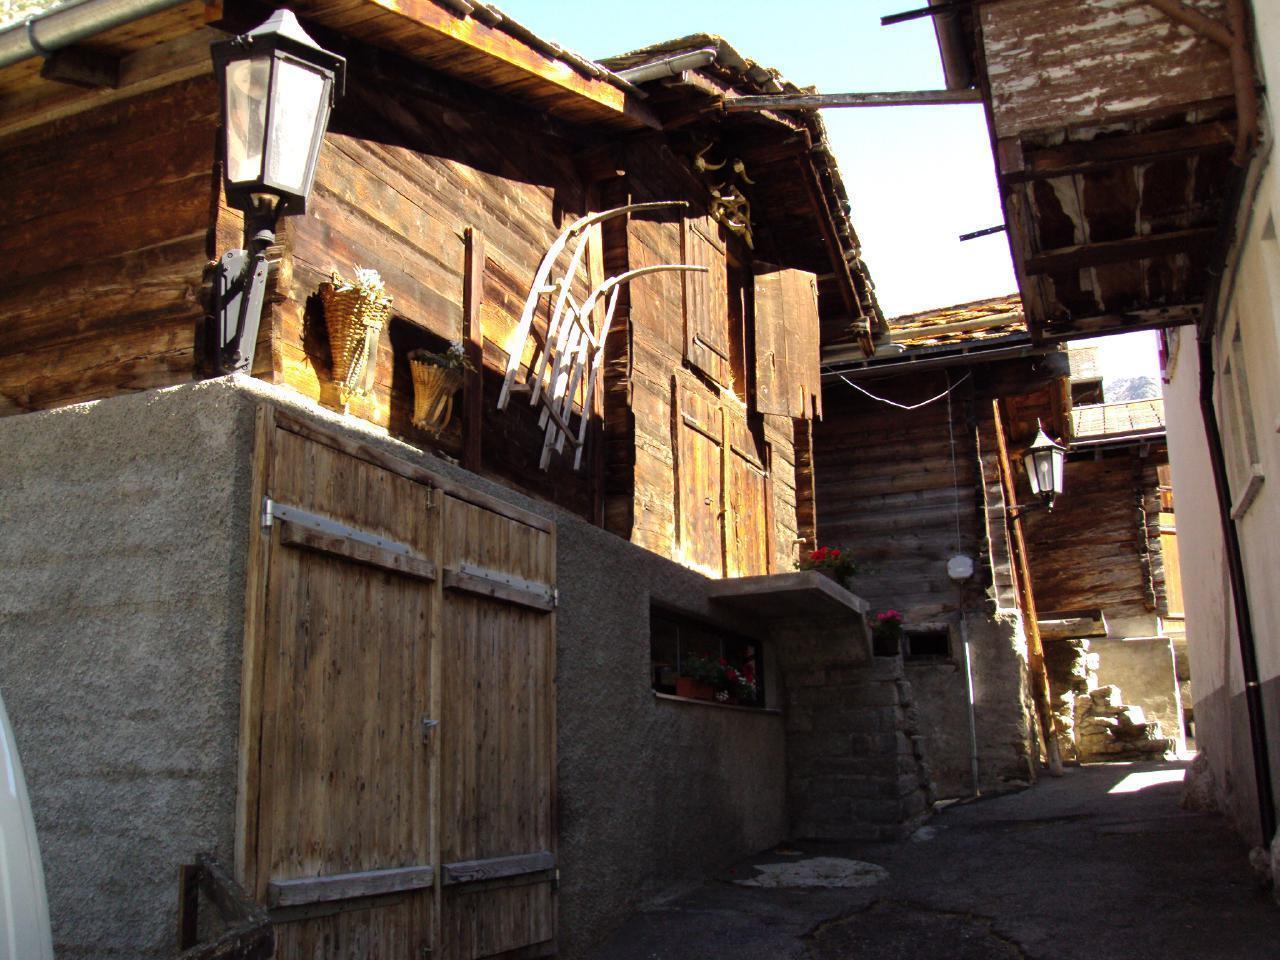 Ferienwohnung Topwohnung für 2 bis 5 Personen mit zwei getrennten Schlafzimmern (725889), Saas Almagell, Saastal, Wallis, Schweiz, Bild 33